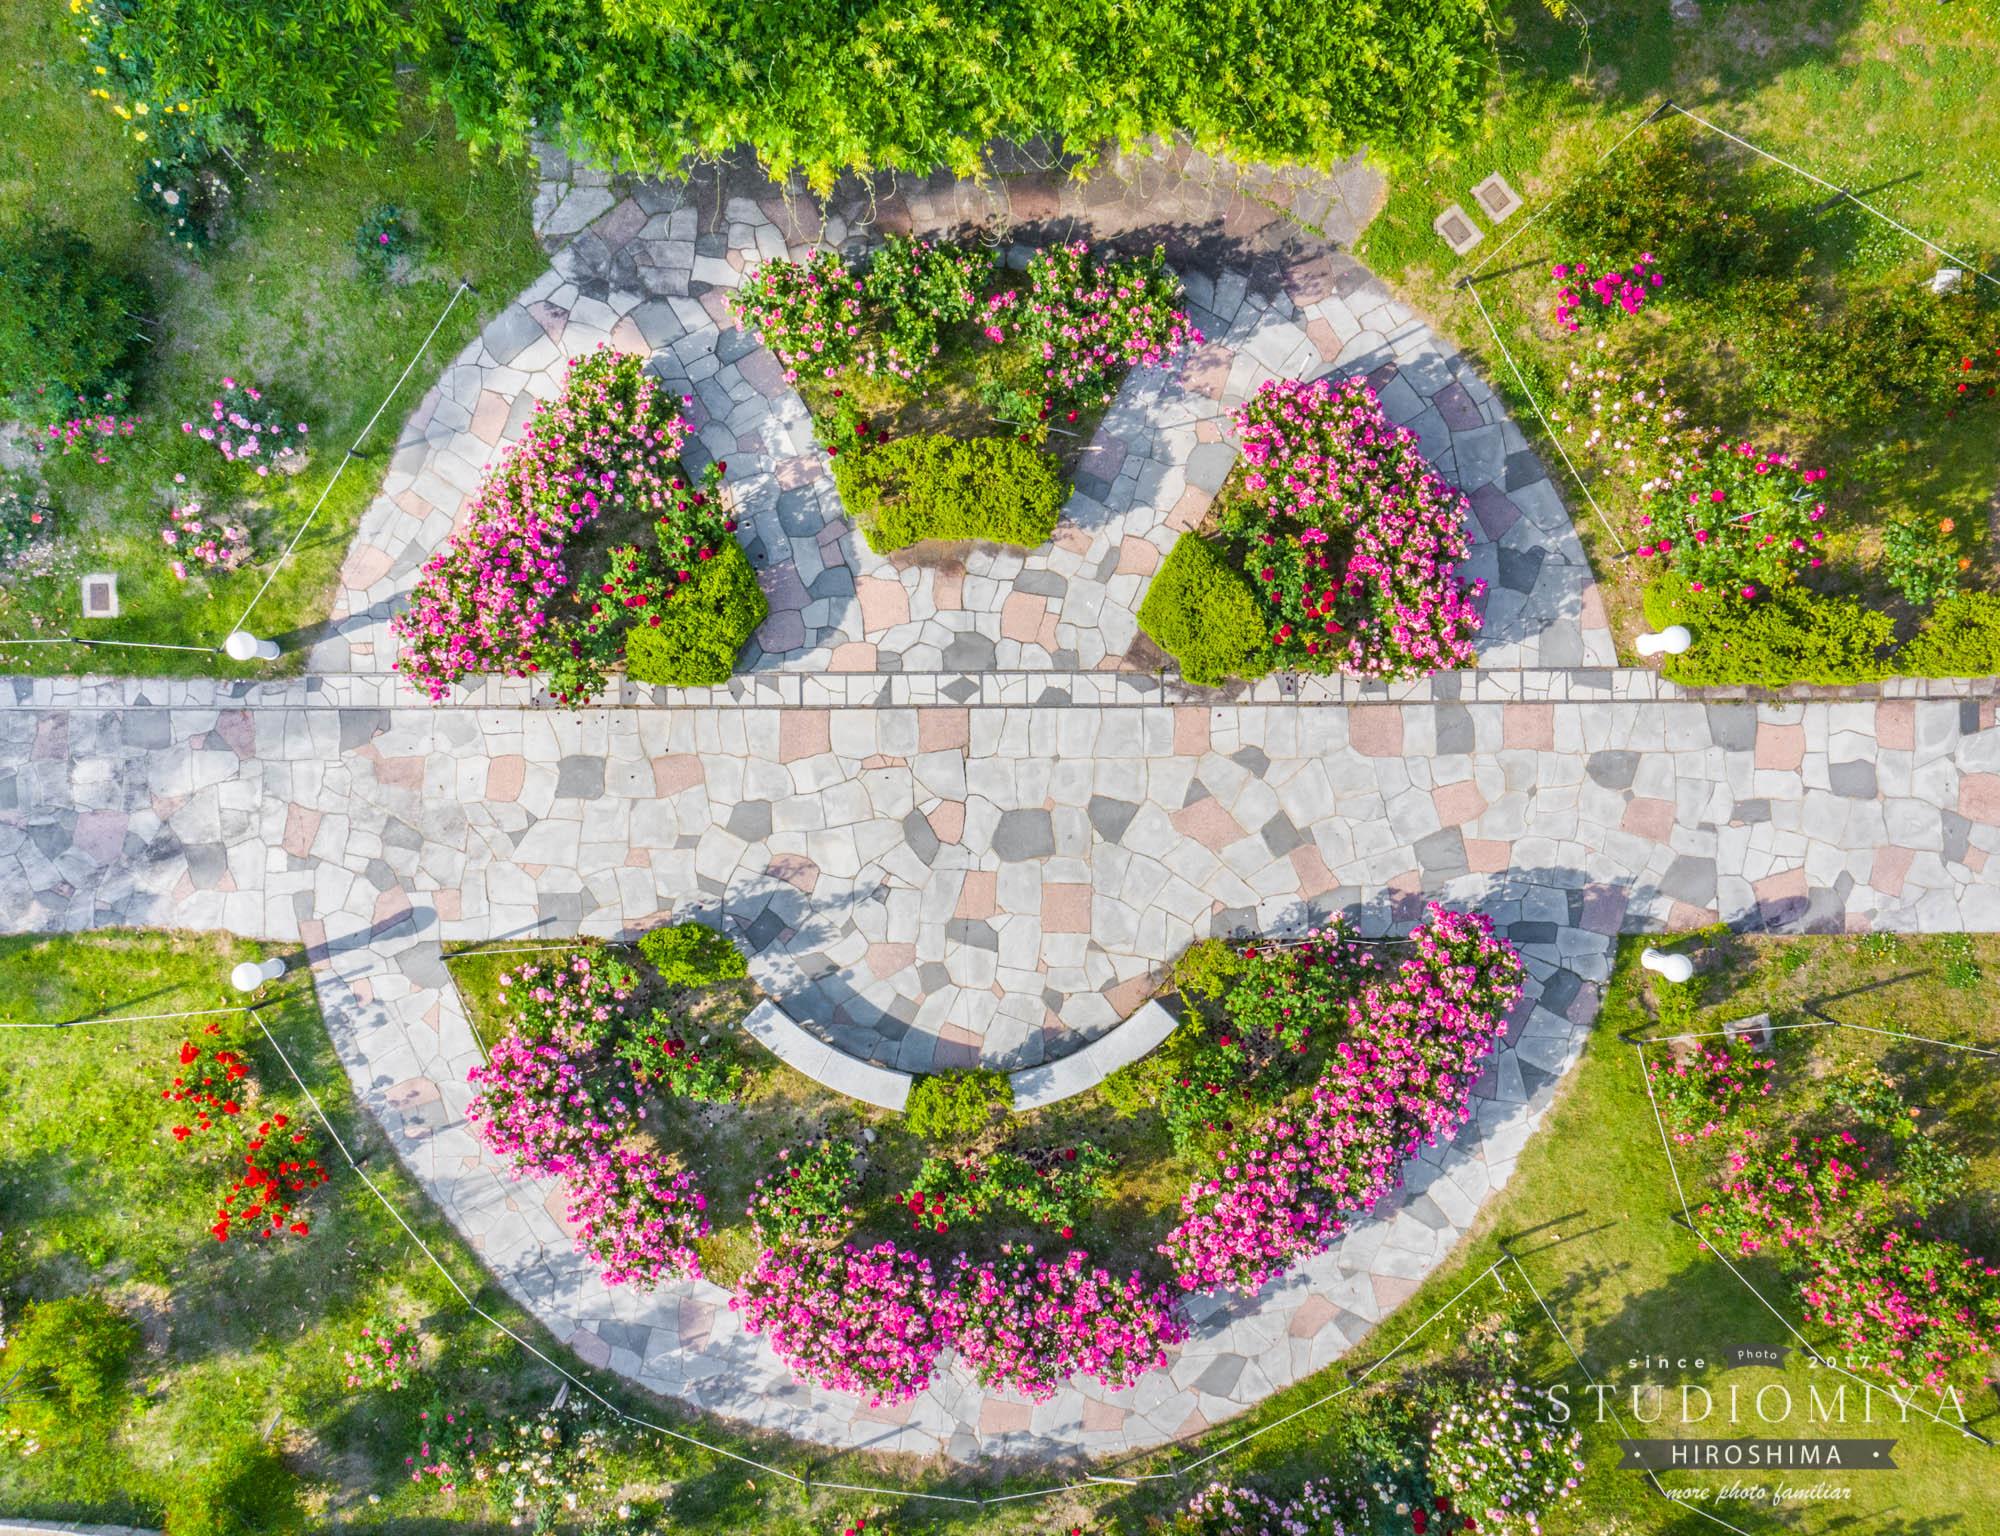 牛田バラ園公式サイトへようこそ.牛田バラ園は広島市のはずれの丘の上にある小さなバラ園です